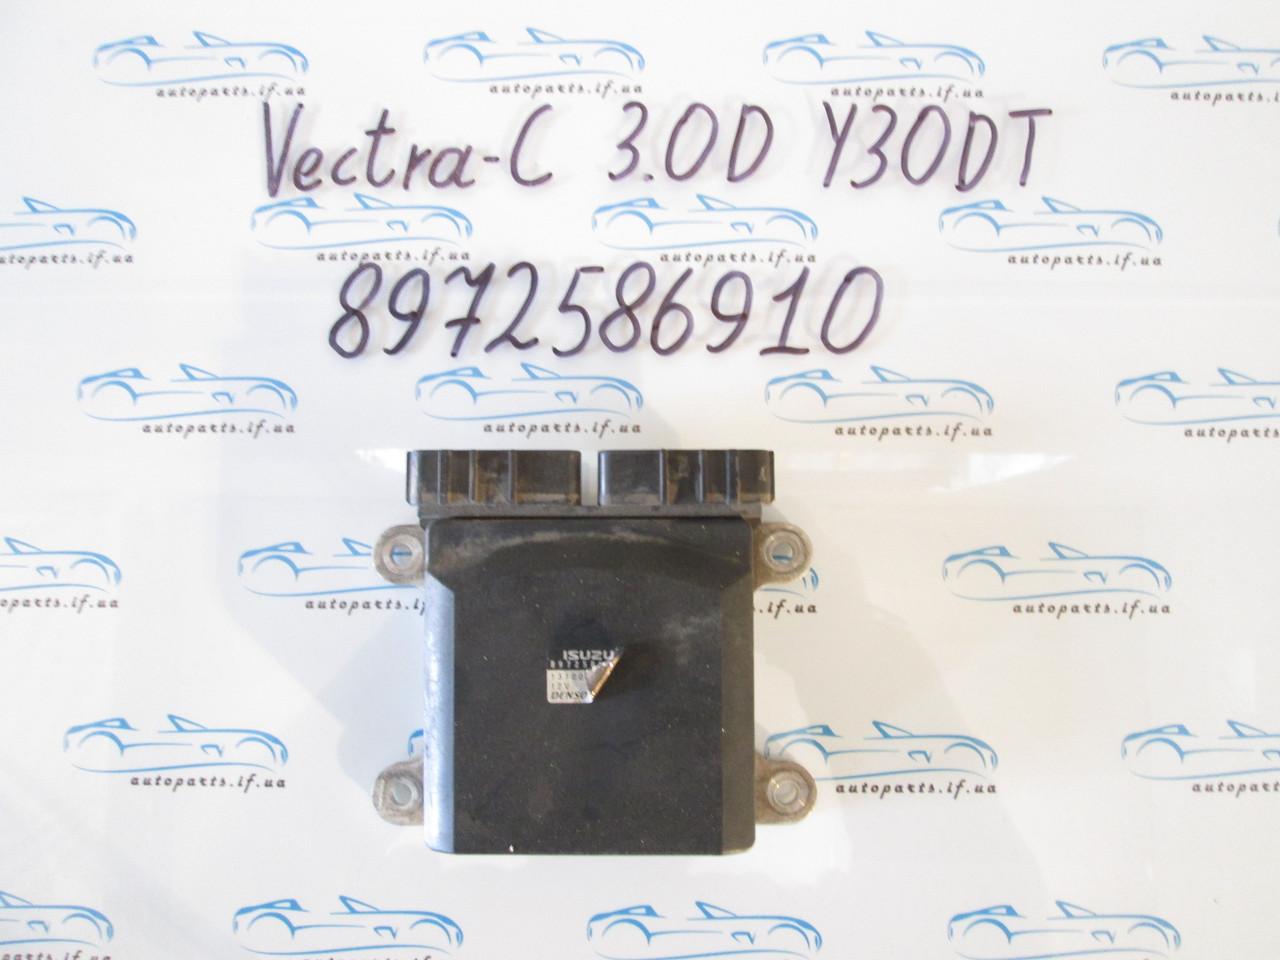 Блок управления двигателем 8972586910  Vectra C 3.0CDTI Y30DT